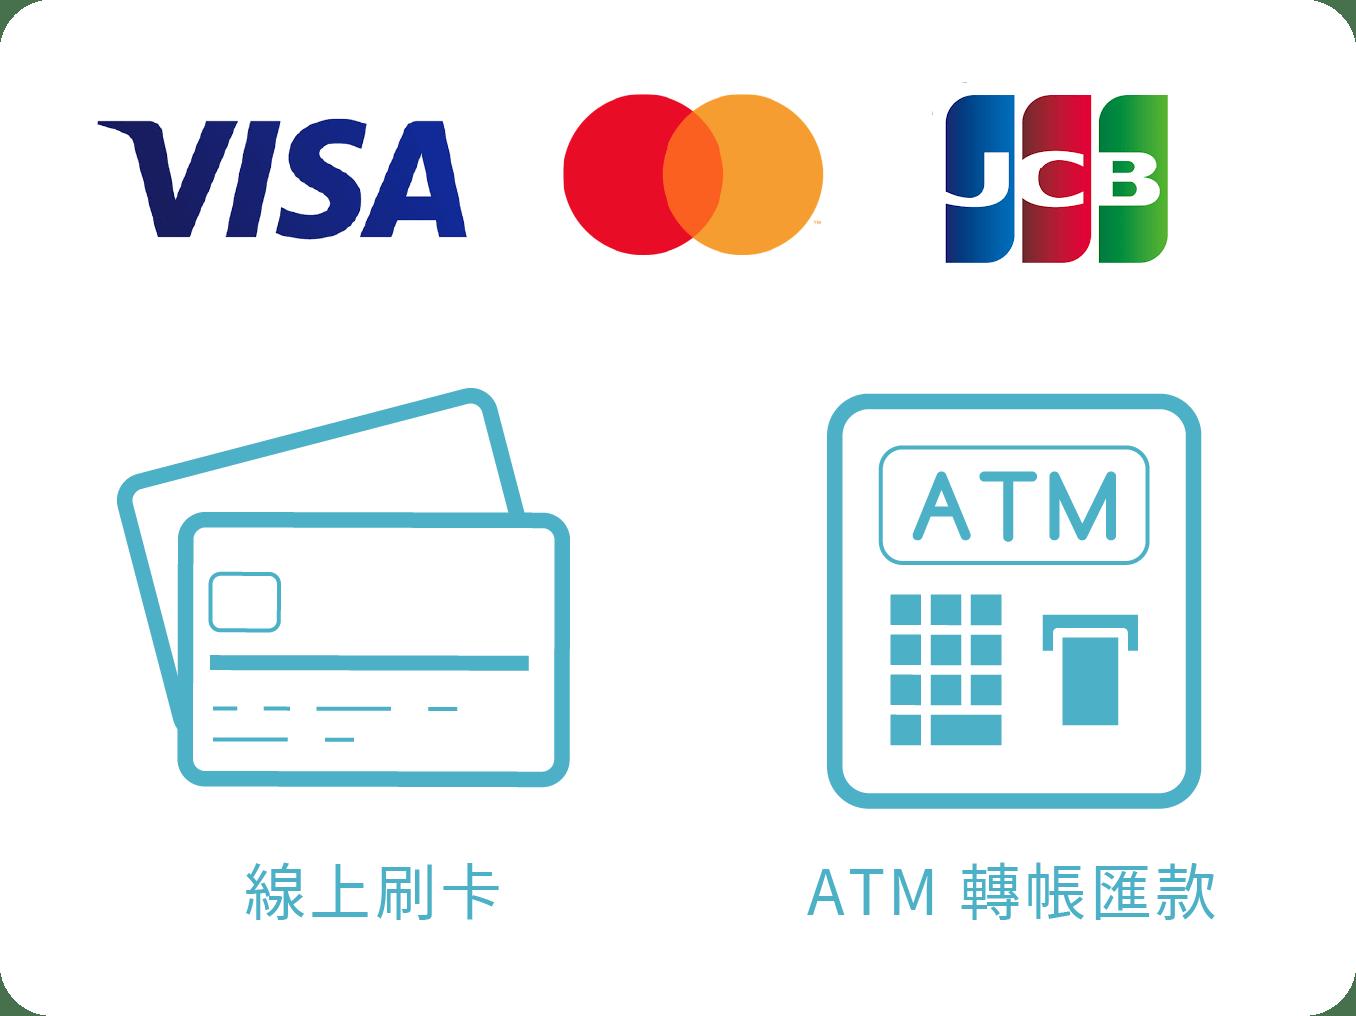 可以使用線上刷卡或 ATM 轉帳匯款